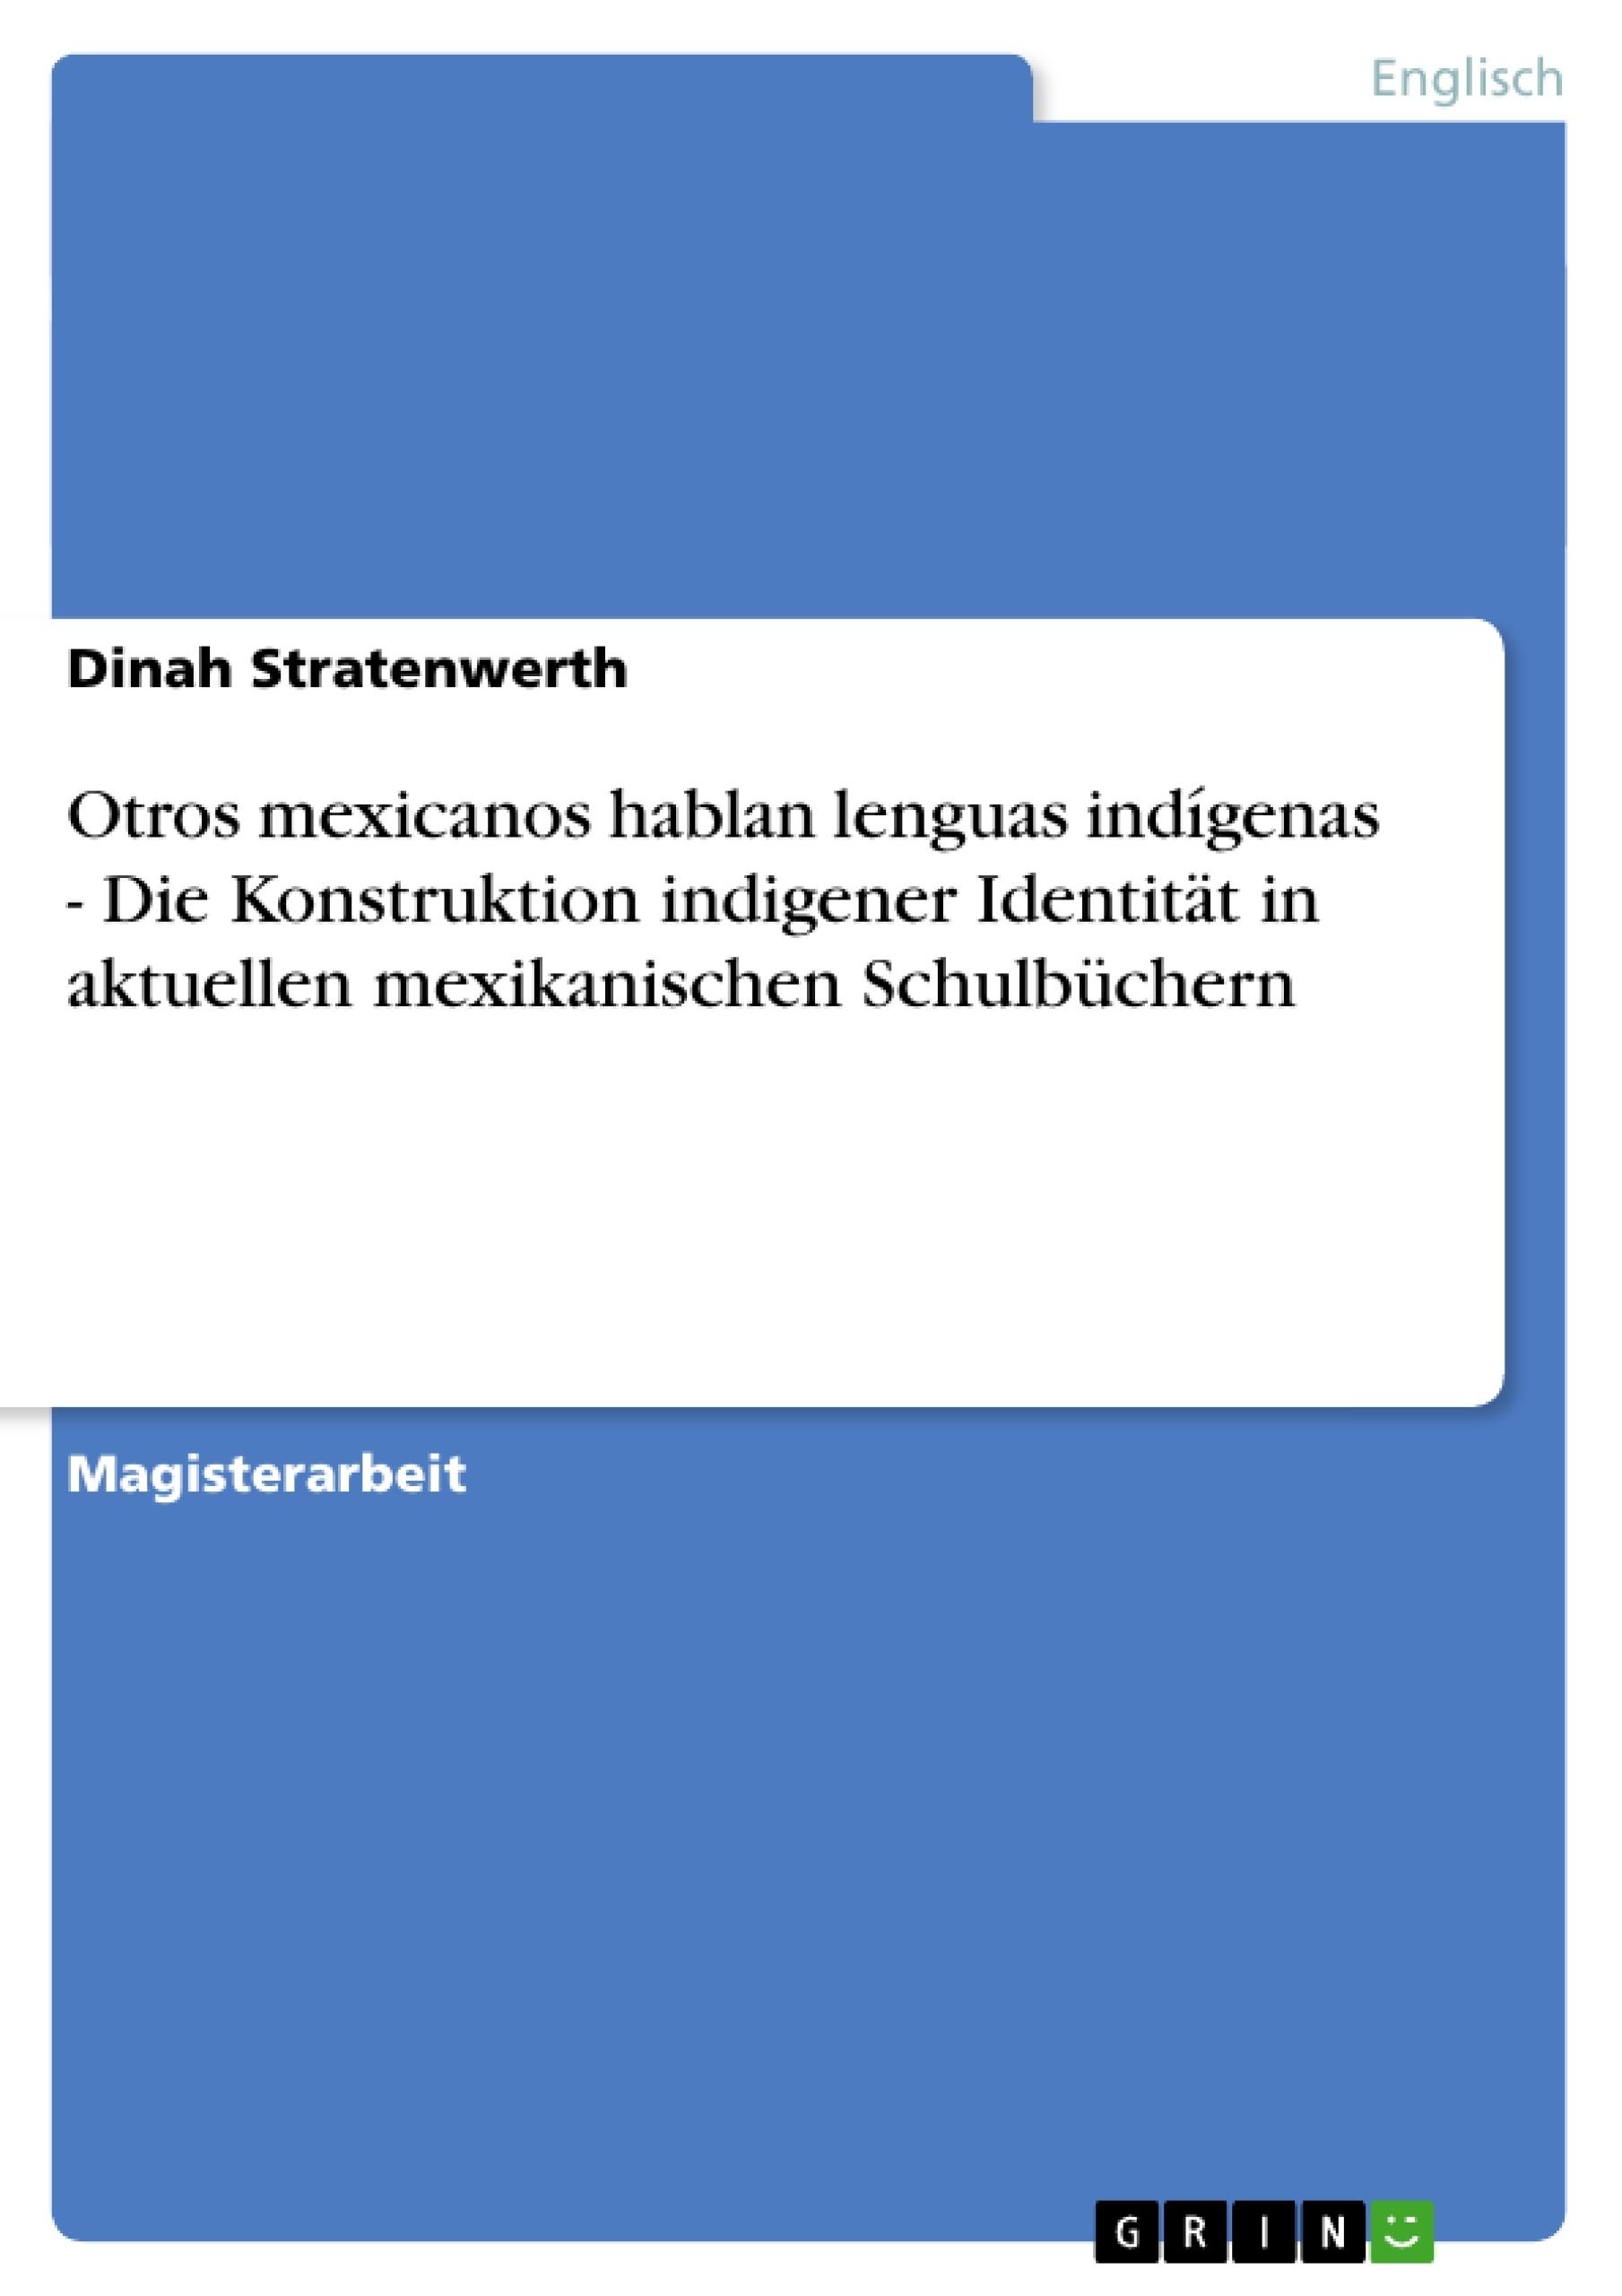 Titel: Otros mexicanos hablan lenguas indígenas - Die Konstruktion indigener Identität in aktuellen mexikanischen Schulbüchern